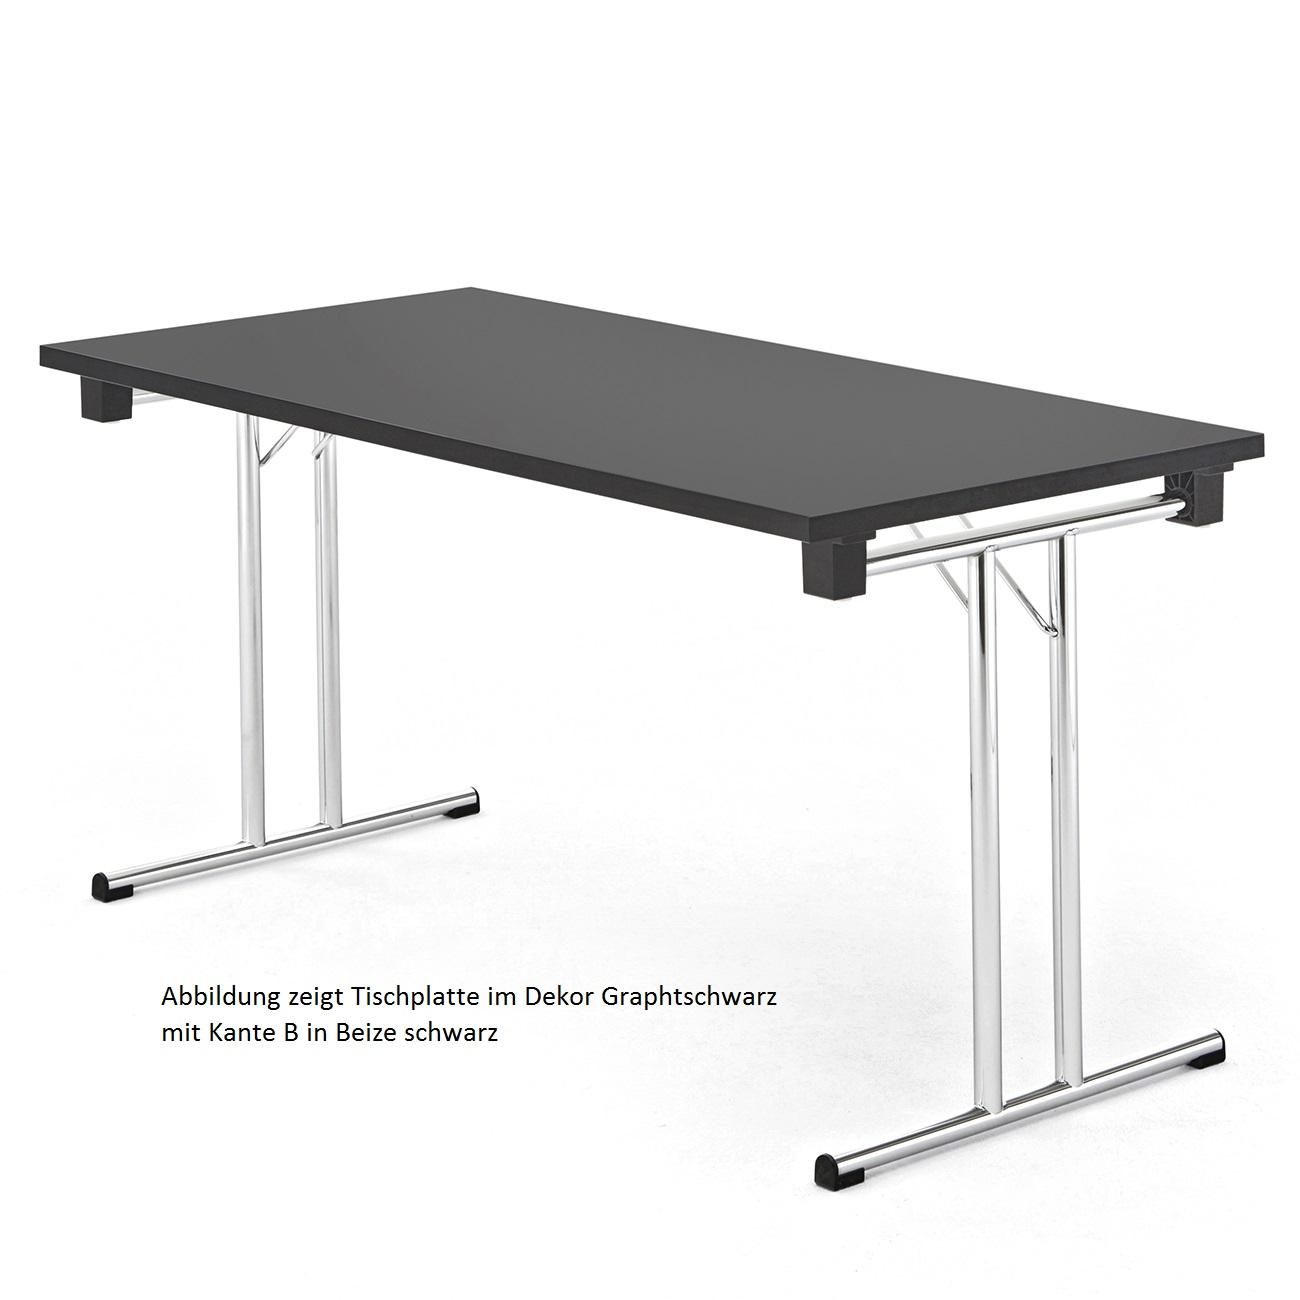 Roki Objekteinrichtungen - Rechtecktisch, Klapptischgestell Modell ...